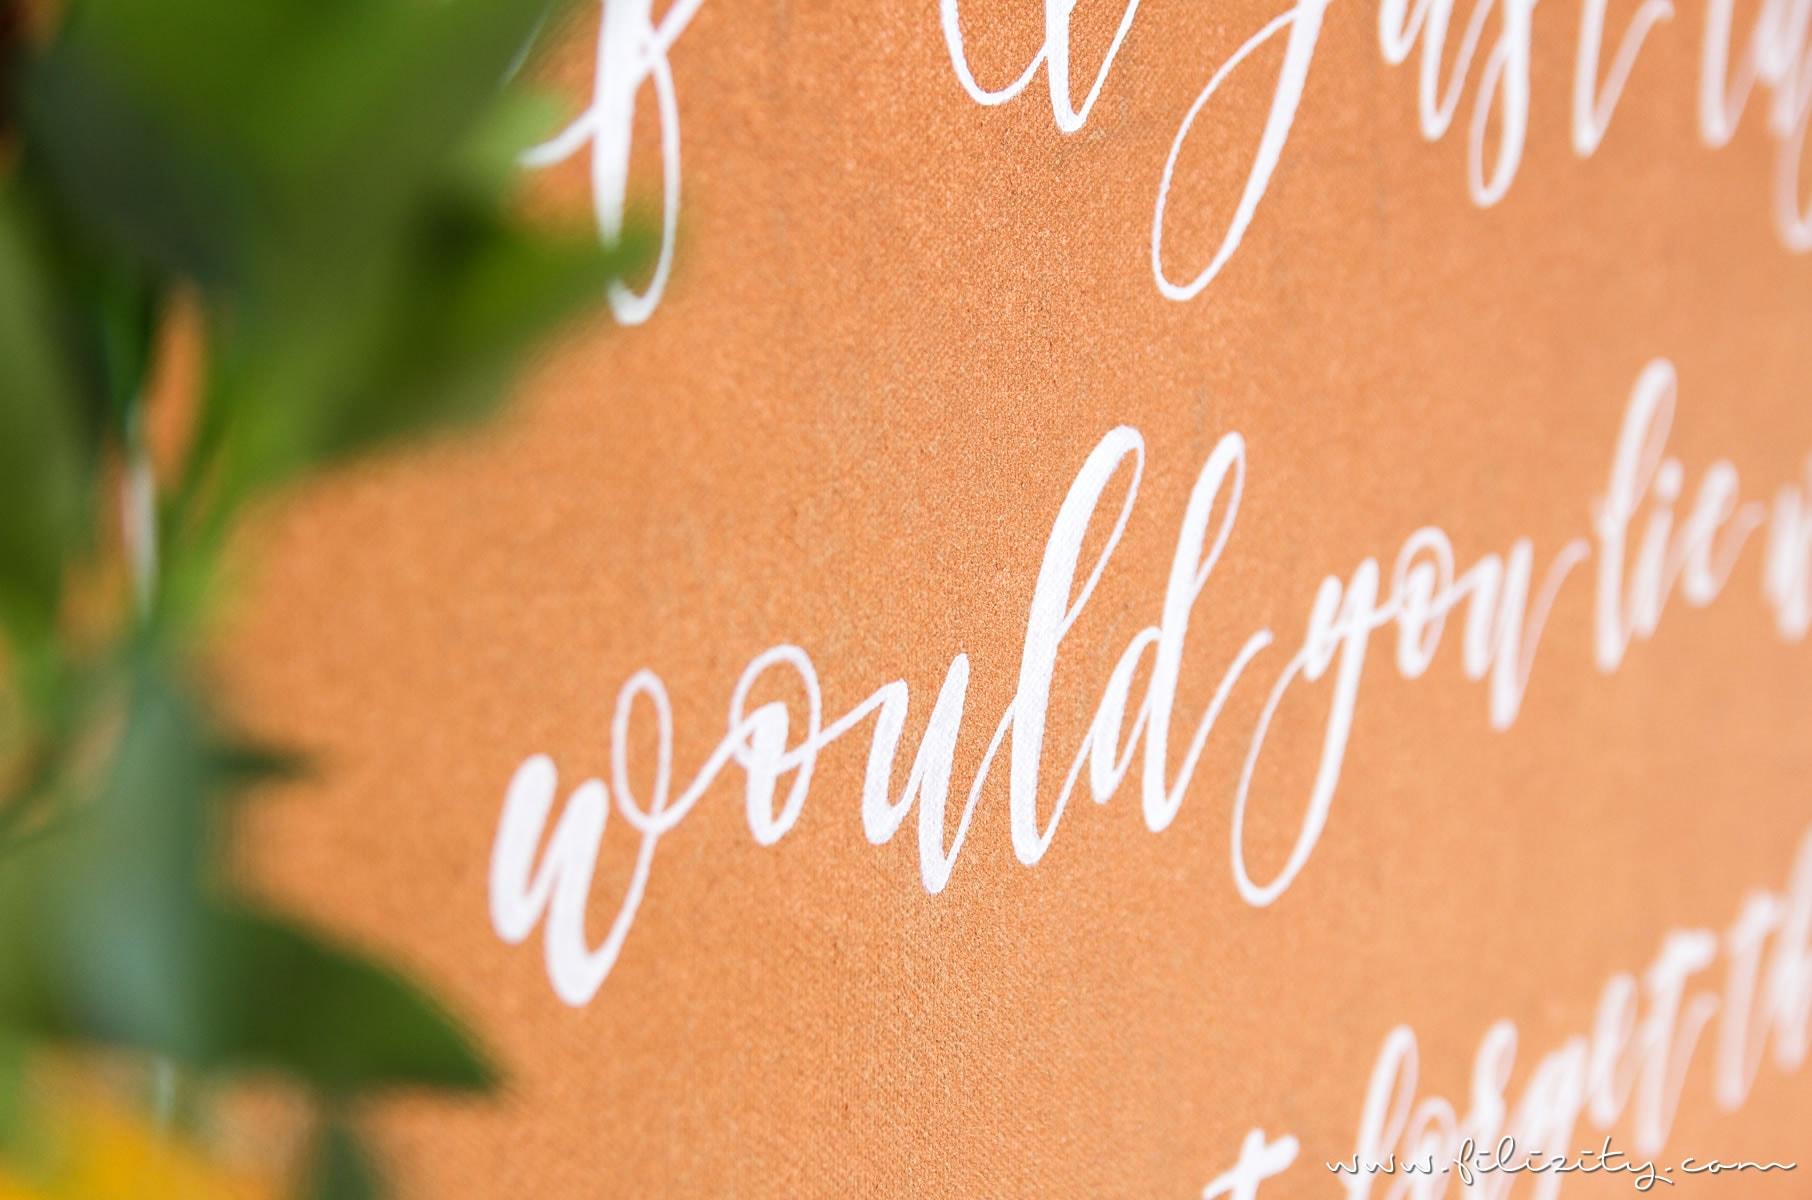 Wanddeko: Leinwand mit Handlettering Quotes - Ein persönliches Highlight für dein Zuhause